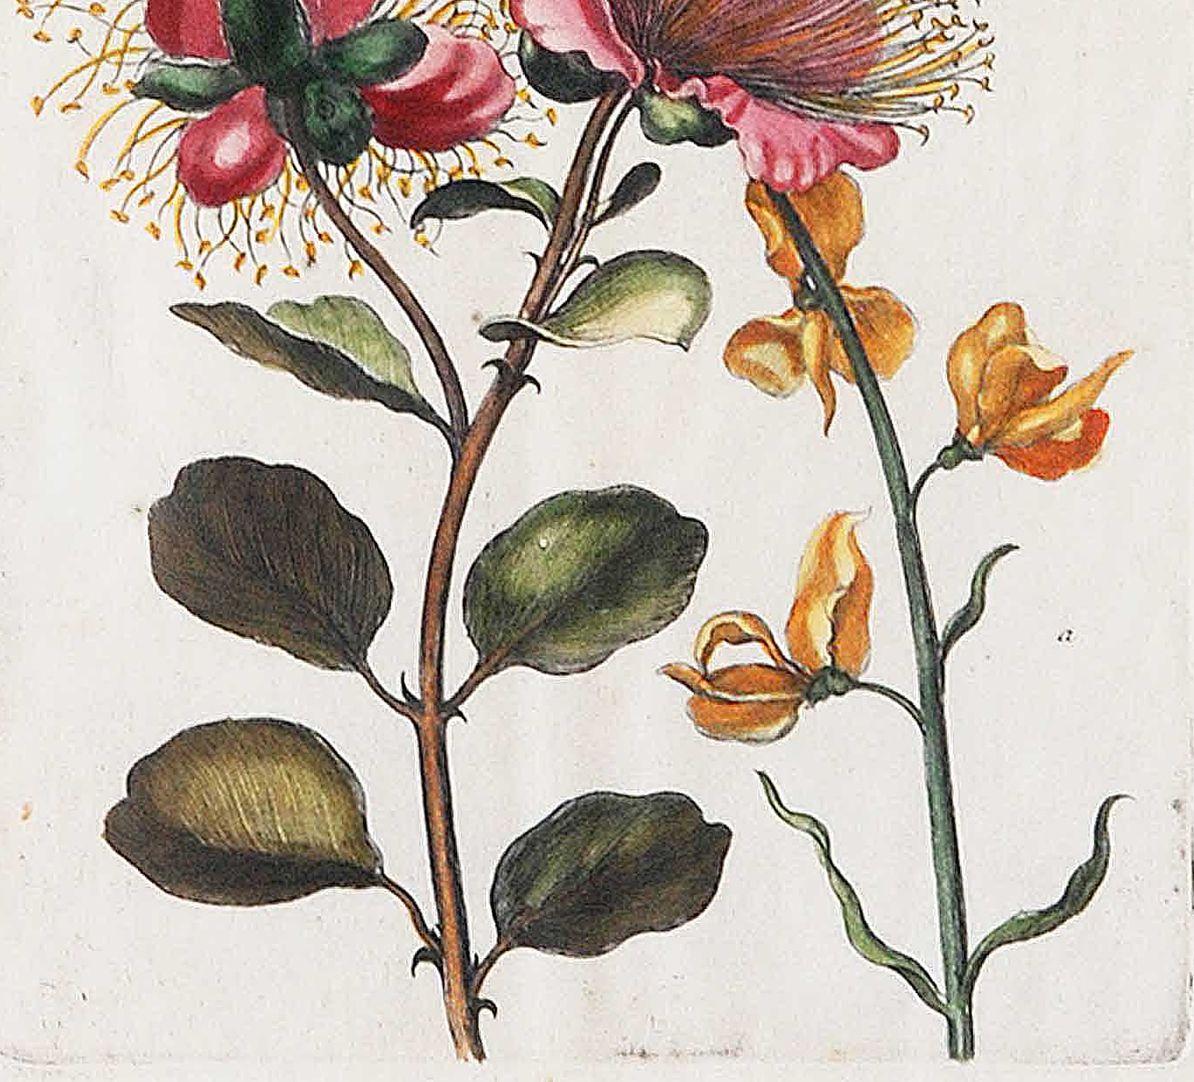 Große Kapern=Blüte benebst Kunschroten untere Blatthälfte